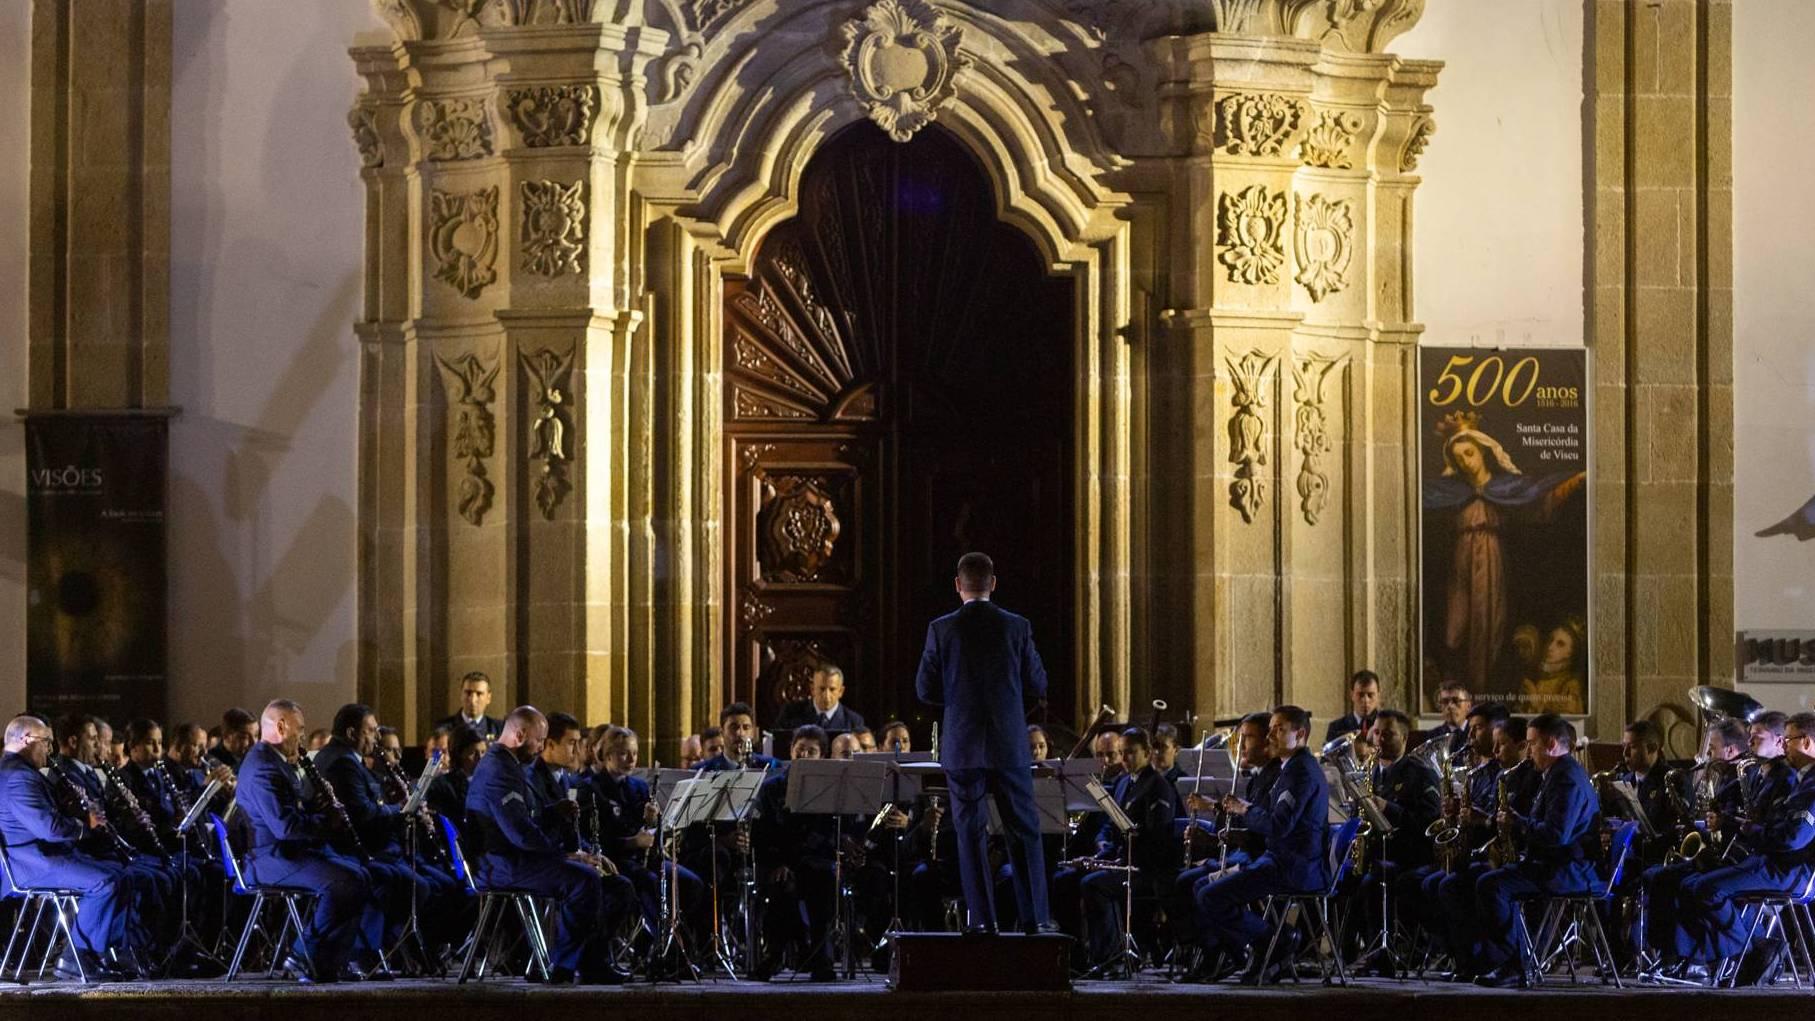 Banda de Música da Força Aérea alegra noites da cidade de Viseu